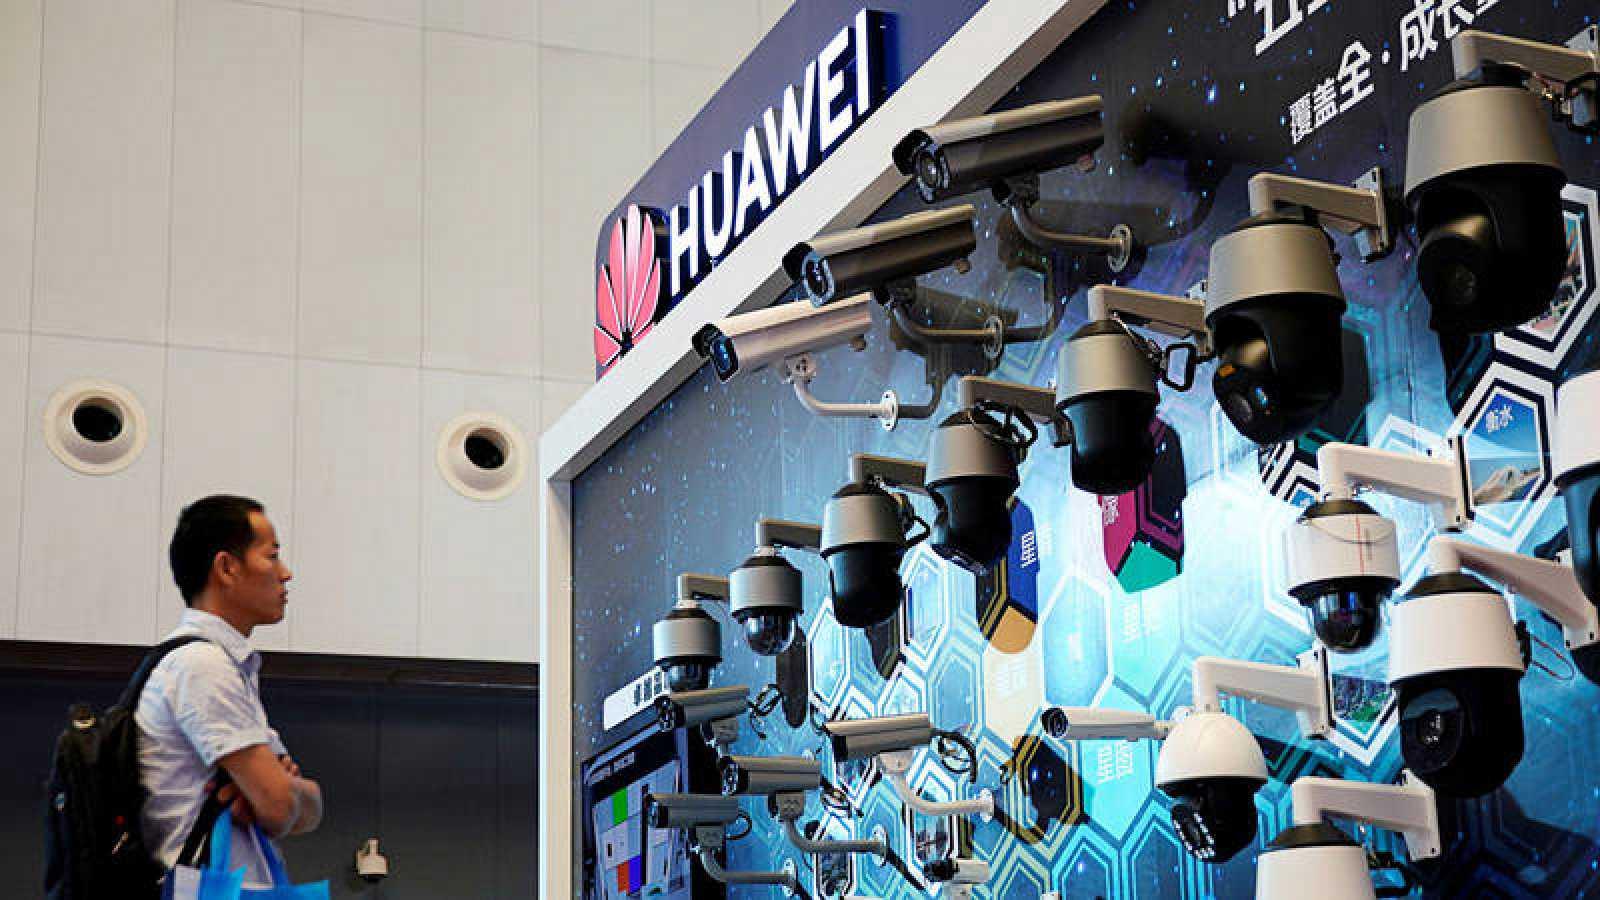 Un hombre observa varias cámaras de seguridad de Huawei